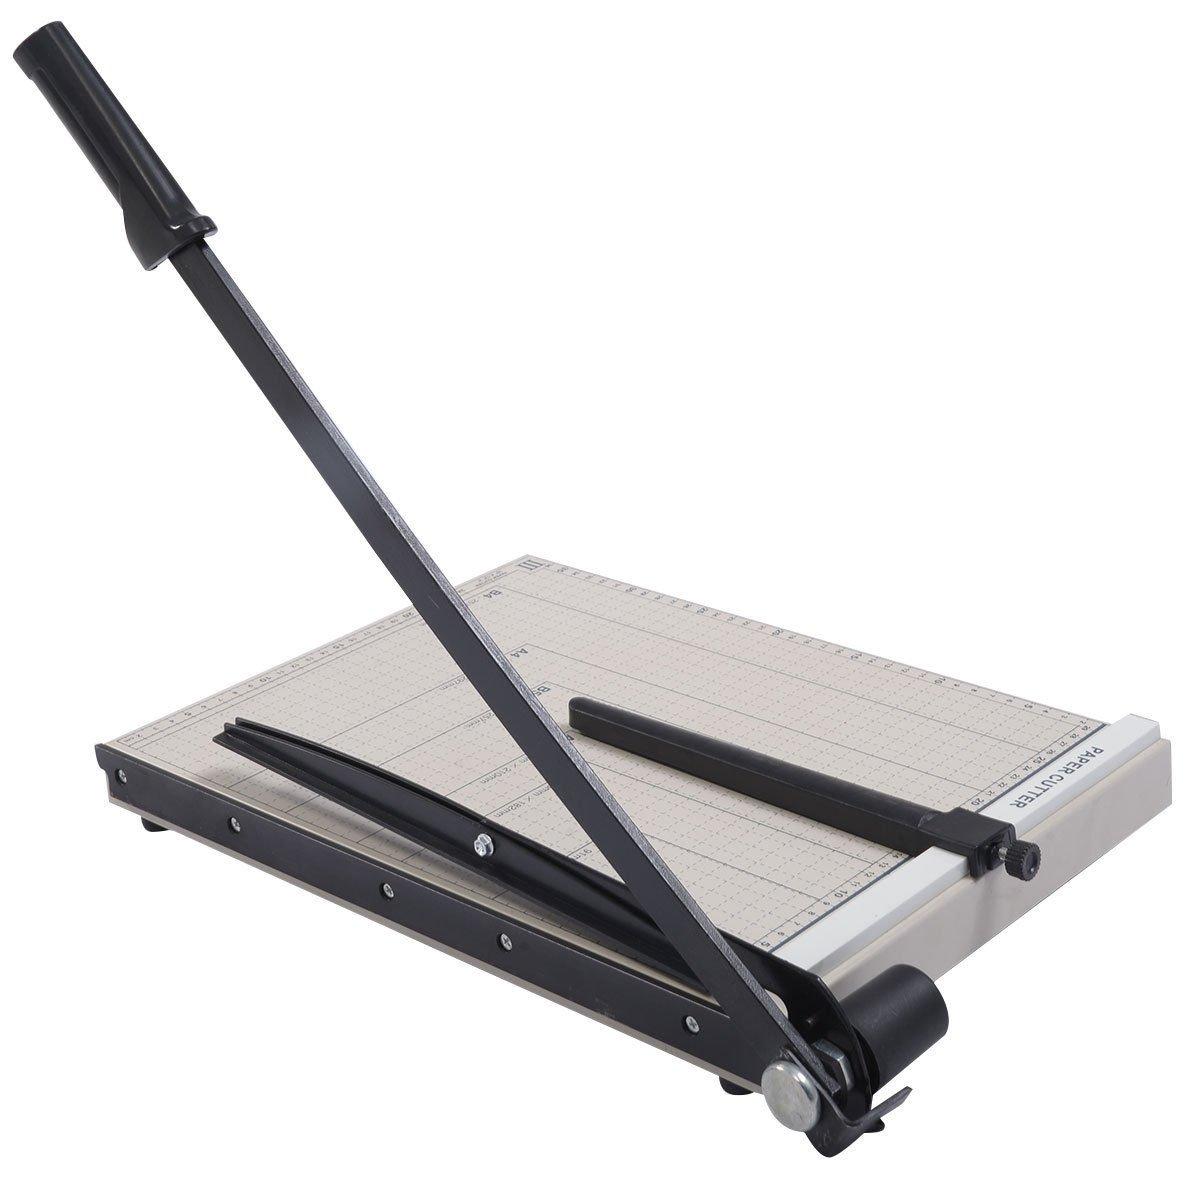 15 inch Sturdy Metal Base Paper Cutter Trimmer Scrap Booking Guillotine 15x12